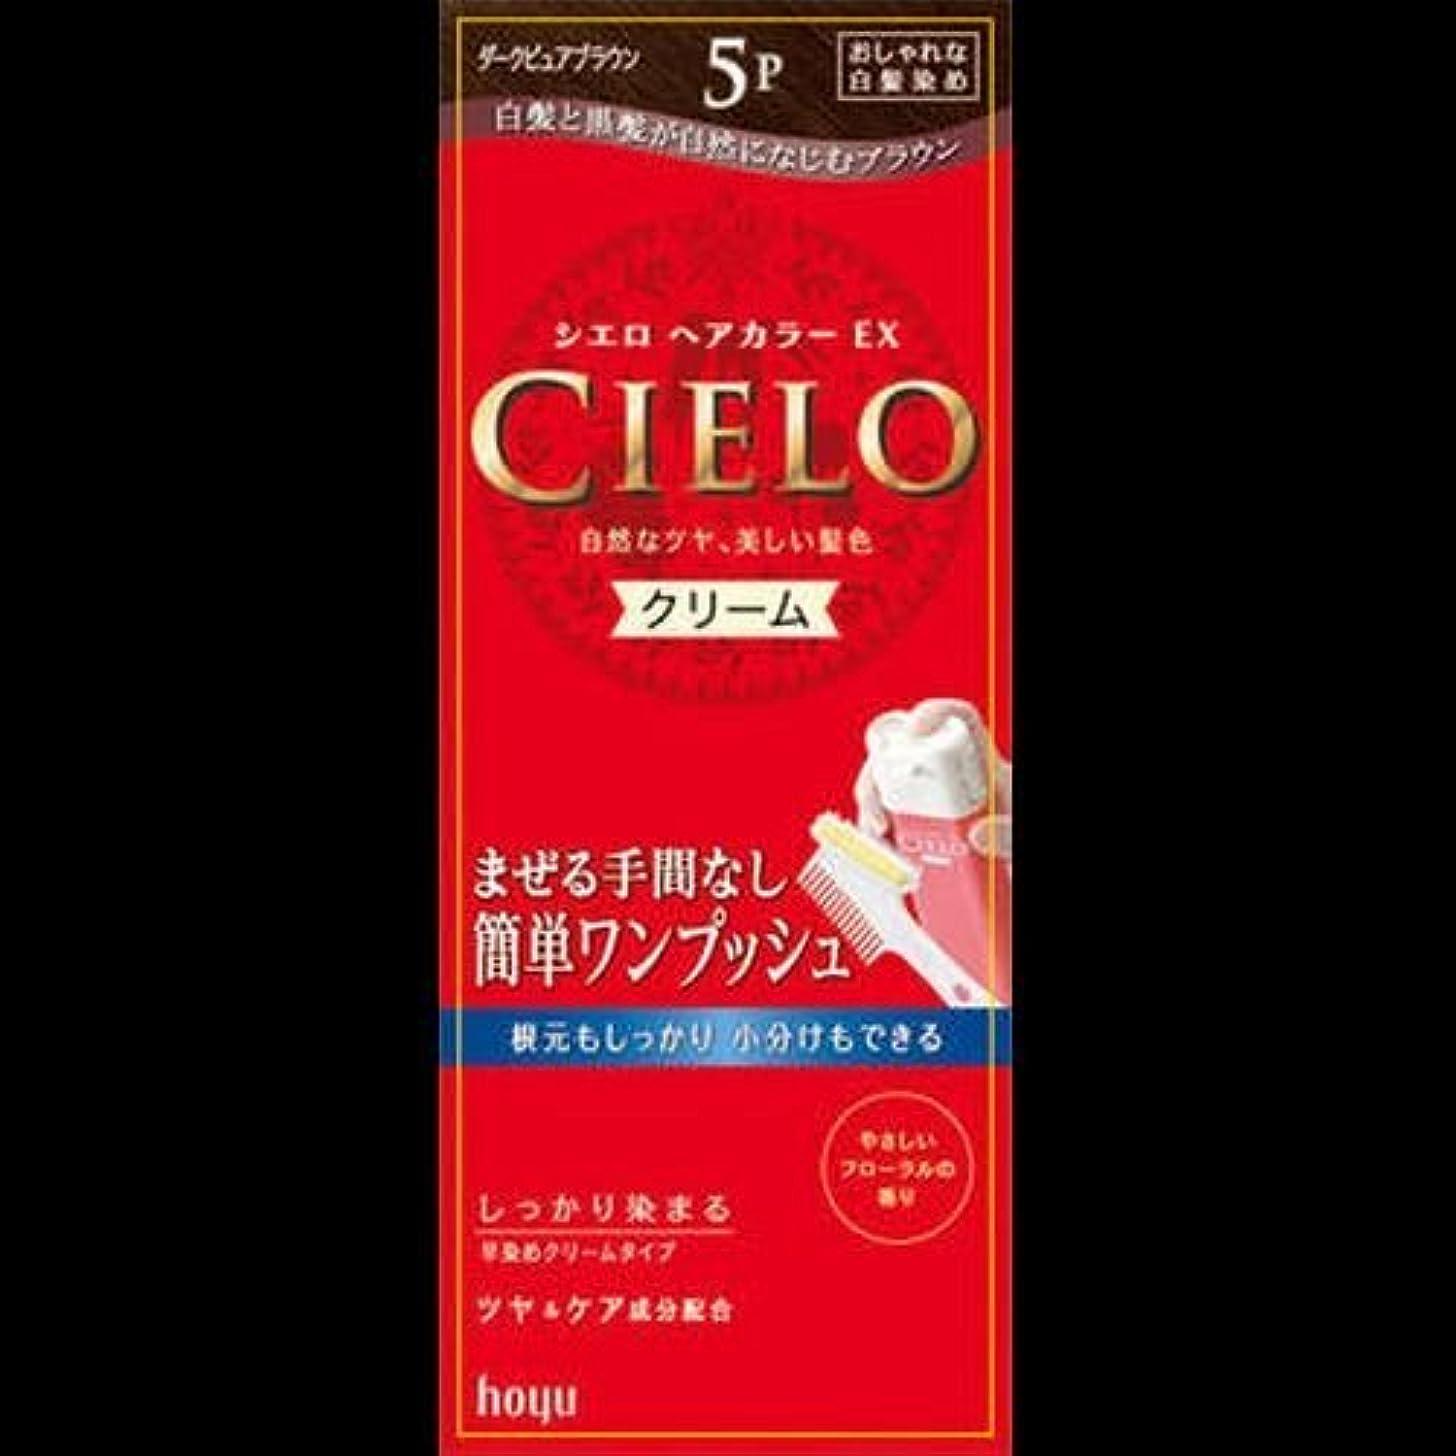 口述する咽頭衣装シエロ ヘアカラーEXクリーム 5P + ダークピュアブラウン ×2セット